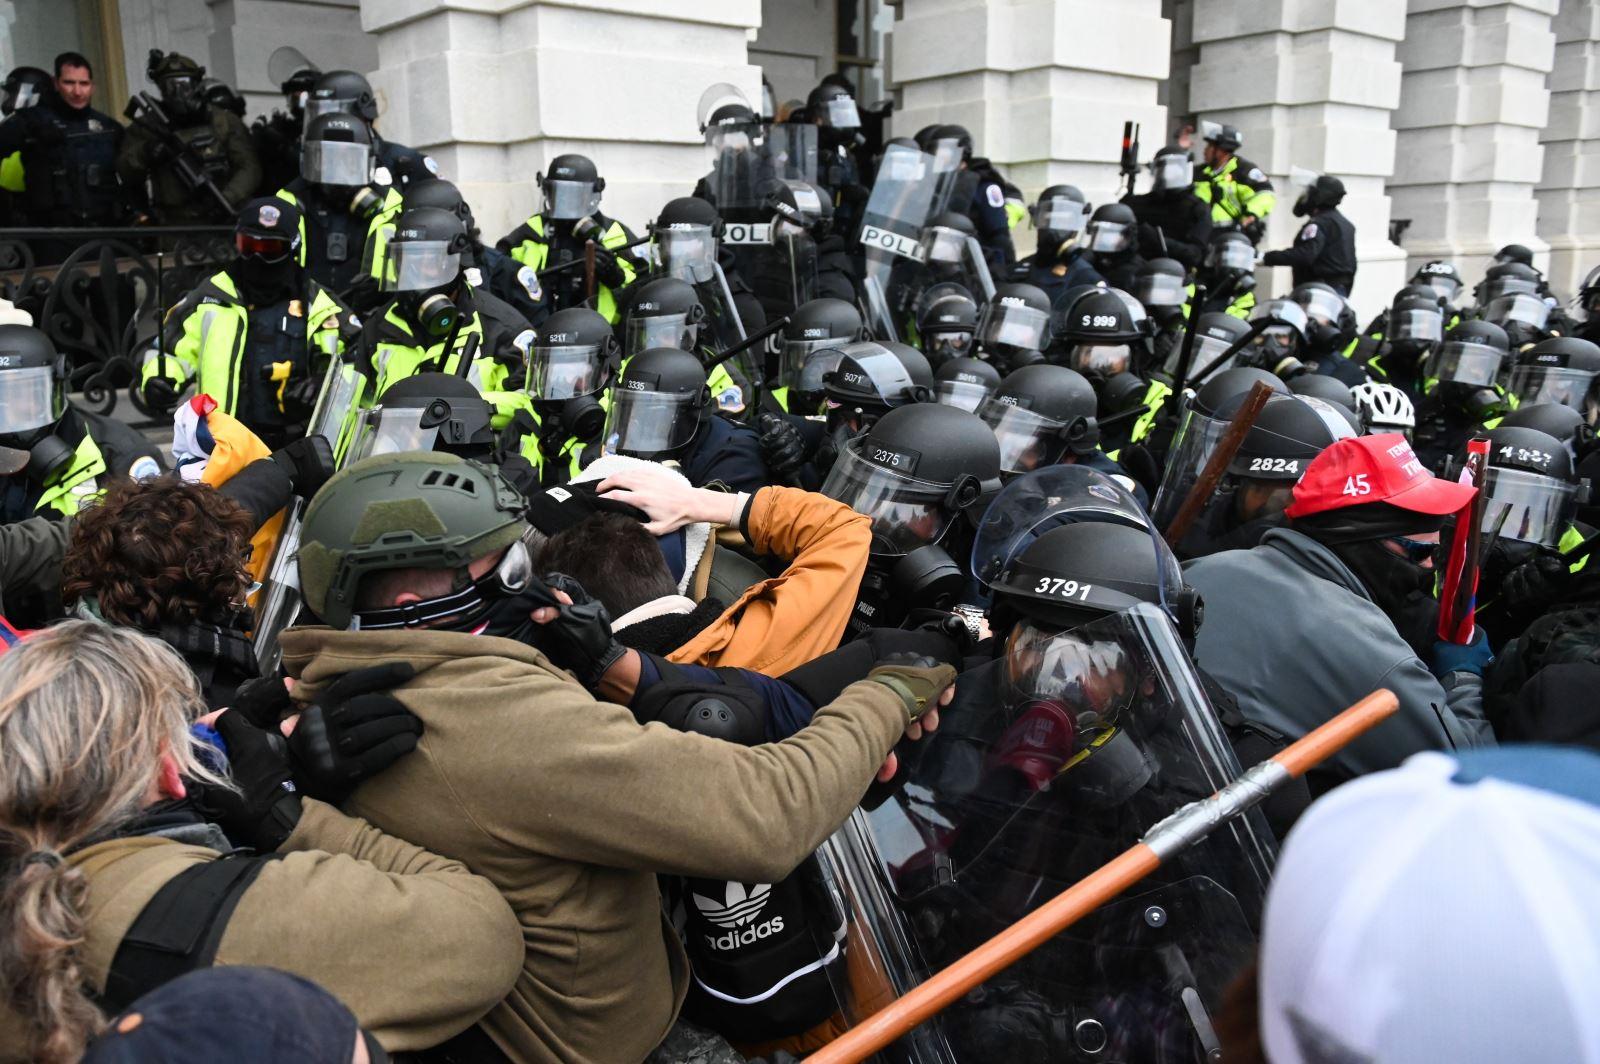 Cảnh sát ngăn người biểu tình quá khích đột nhập vào tòa nhà Quốc hội Mỹ ở Washington D.C ngày 6-1-2021. Ảnh: AFP/TTXVN